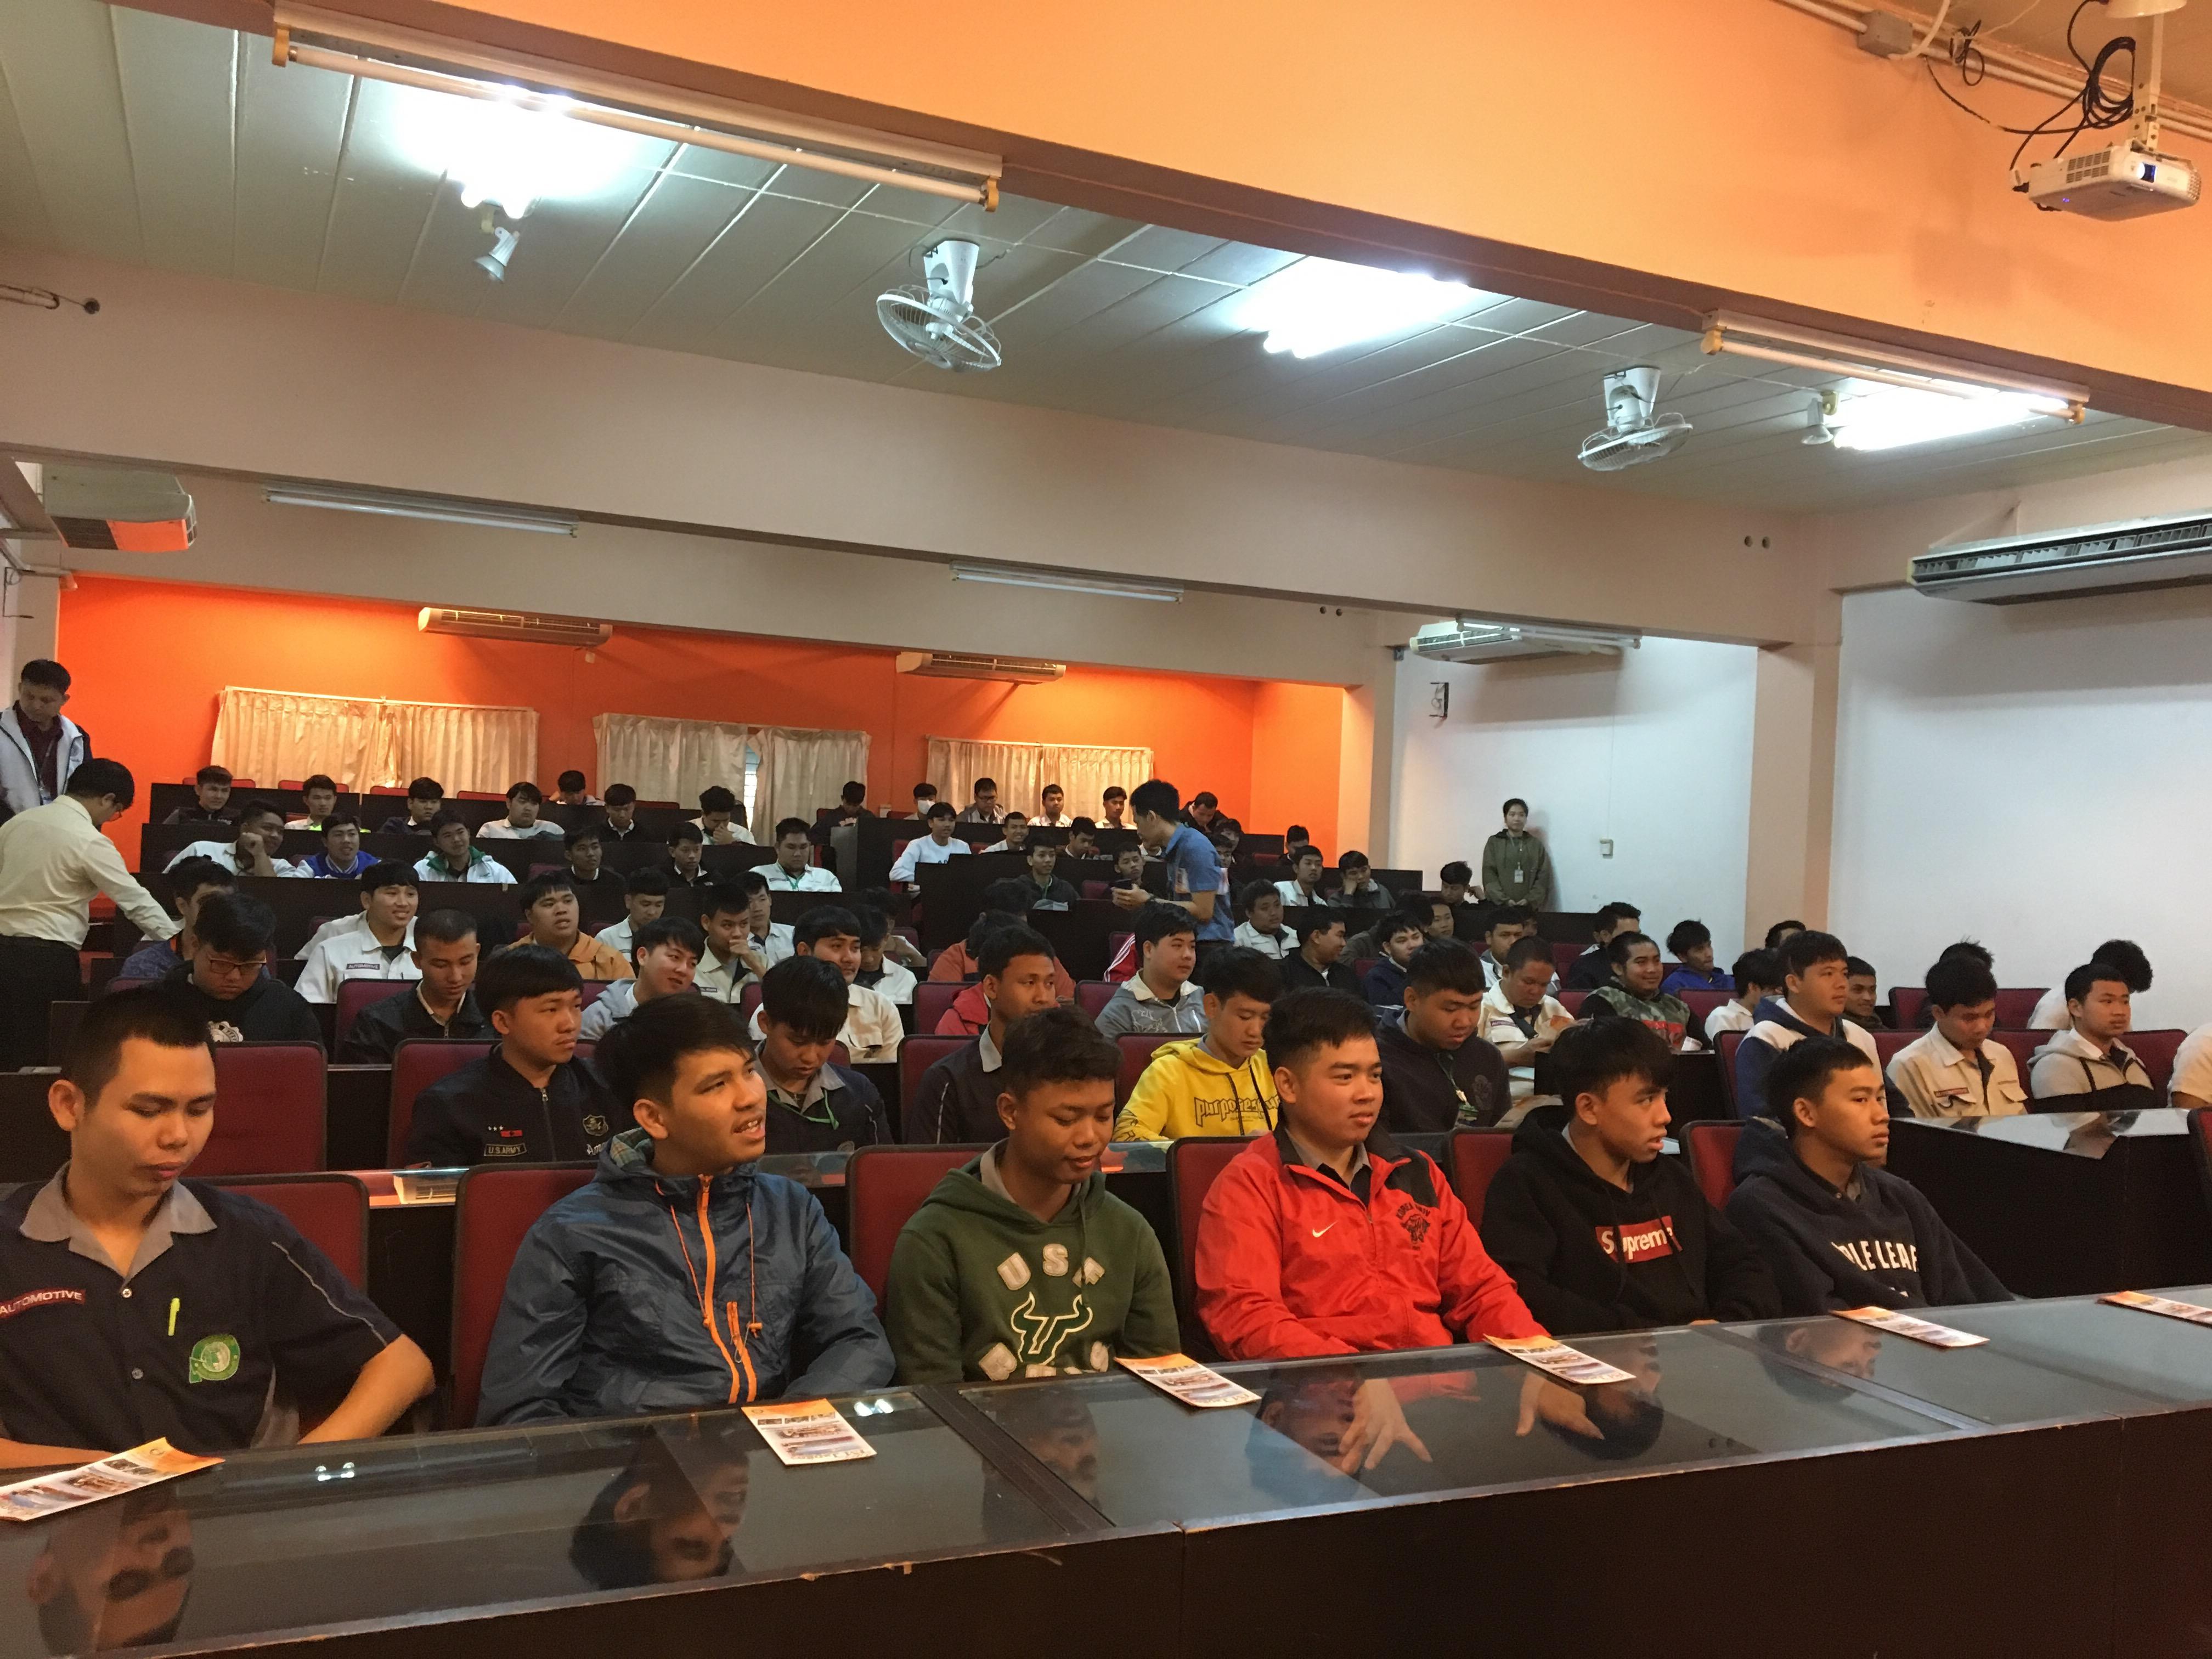 ประชาสัมพันธ์โครงการจัดส่งผู้ฝึกปฏิบัติงานเทคนิคคนไทยไปฝึกงานในประเทศญี่ปุ่นในสถานศึกษา